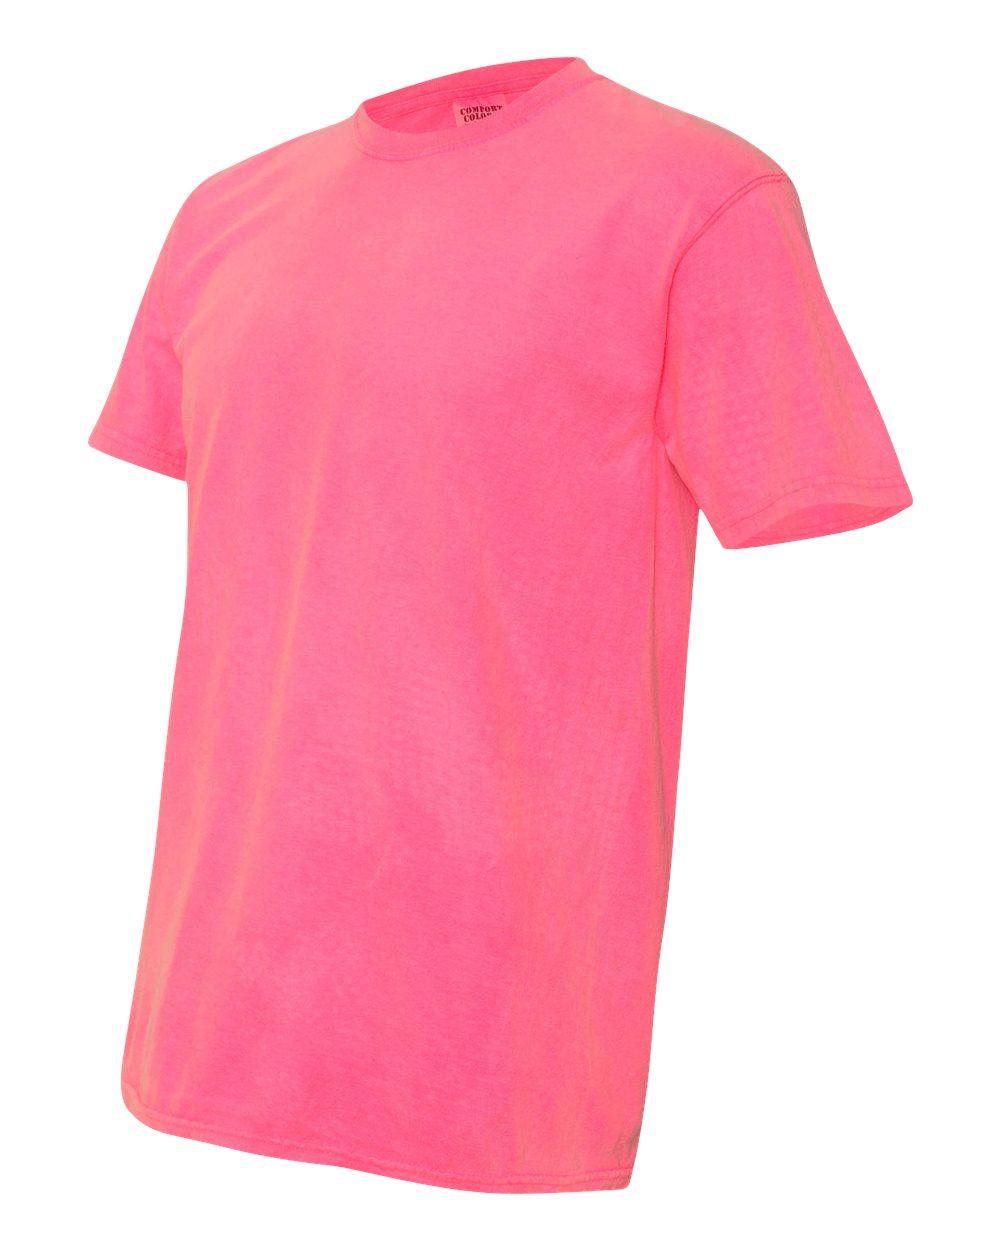 3f08fffb360 Comfort Colors T Shirts Sizing - BCD Tofu House